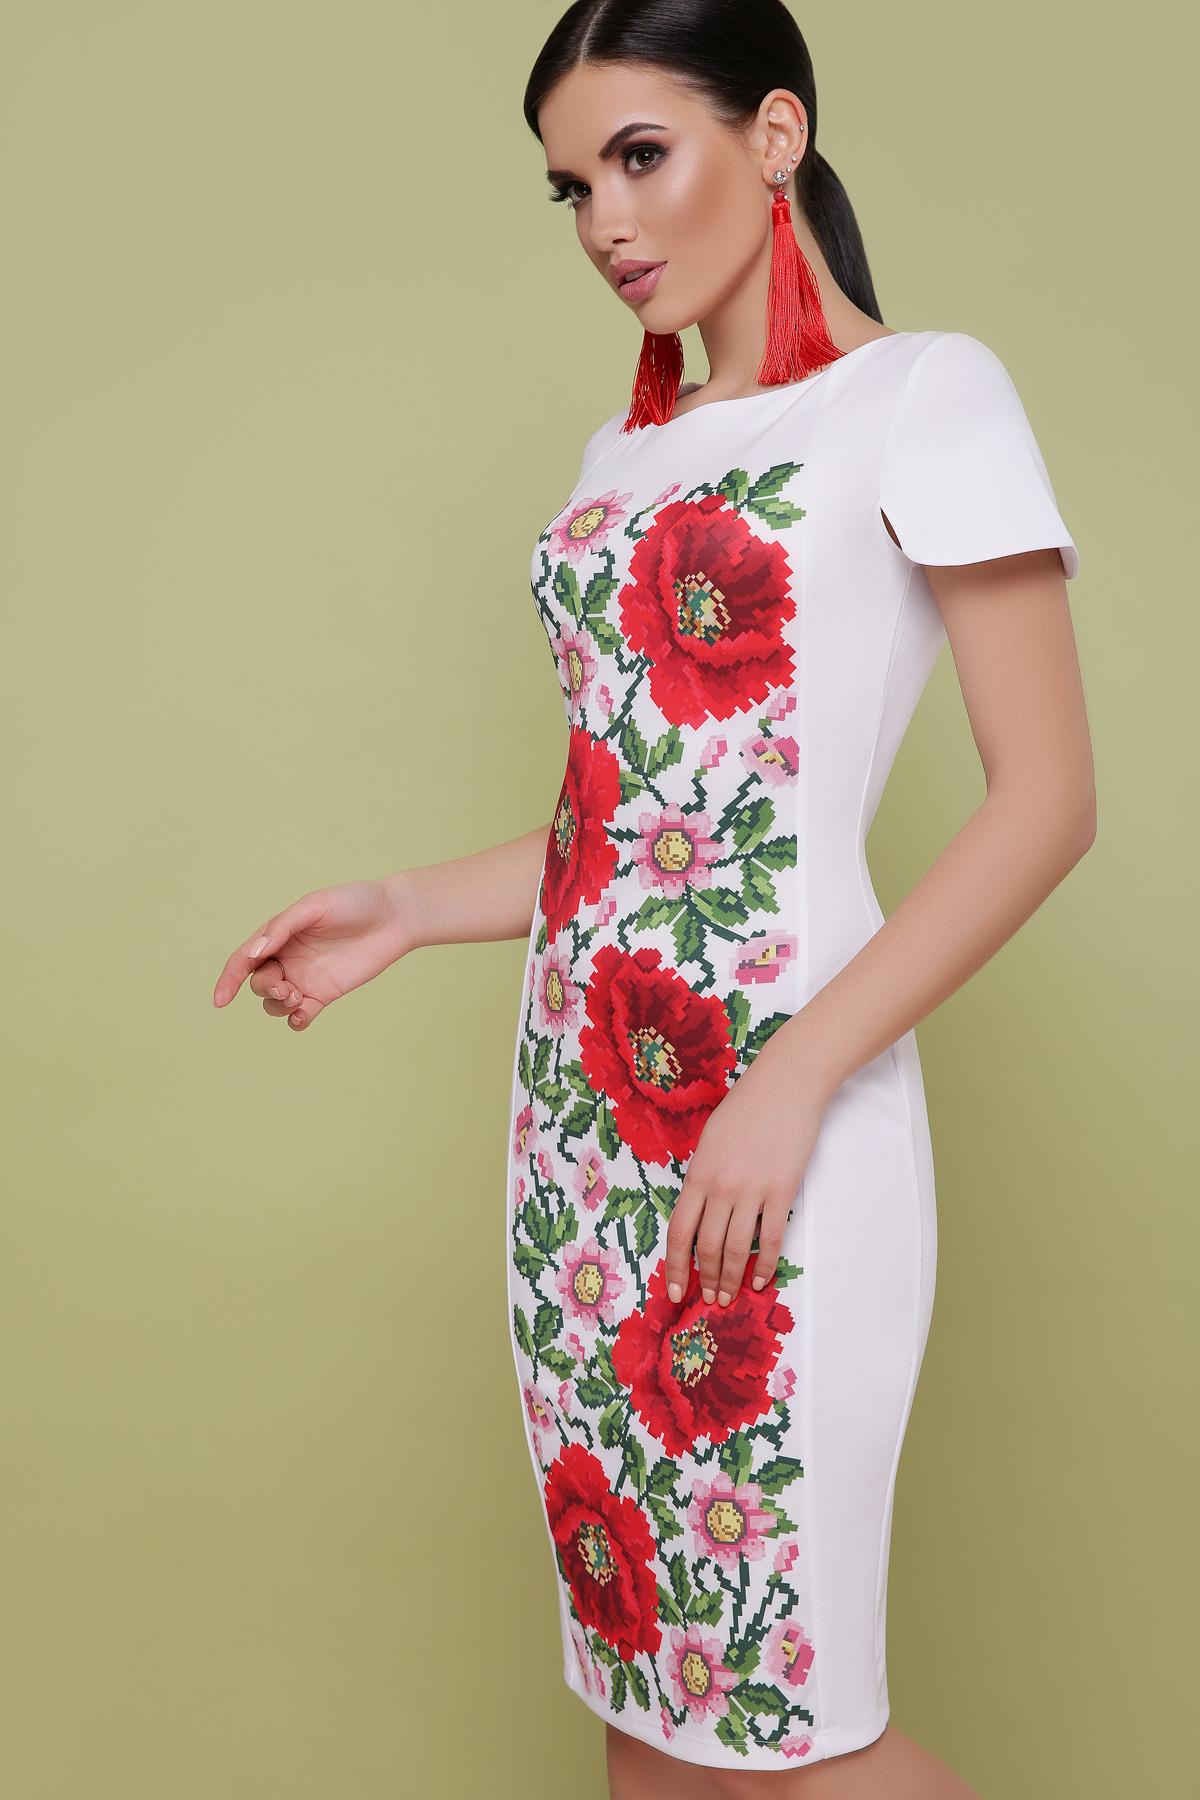 2709a2bfa38 Платье белого цвета с цветочным принтом Питрэса-КД к р - купить в ...